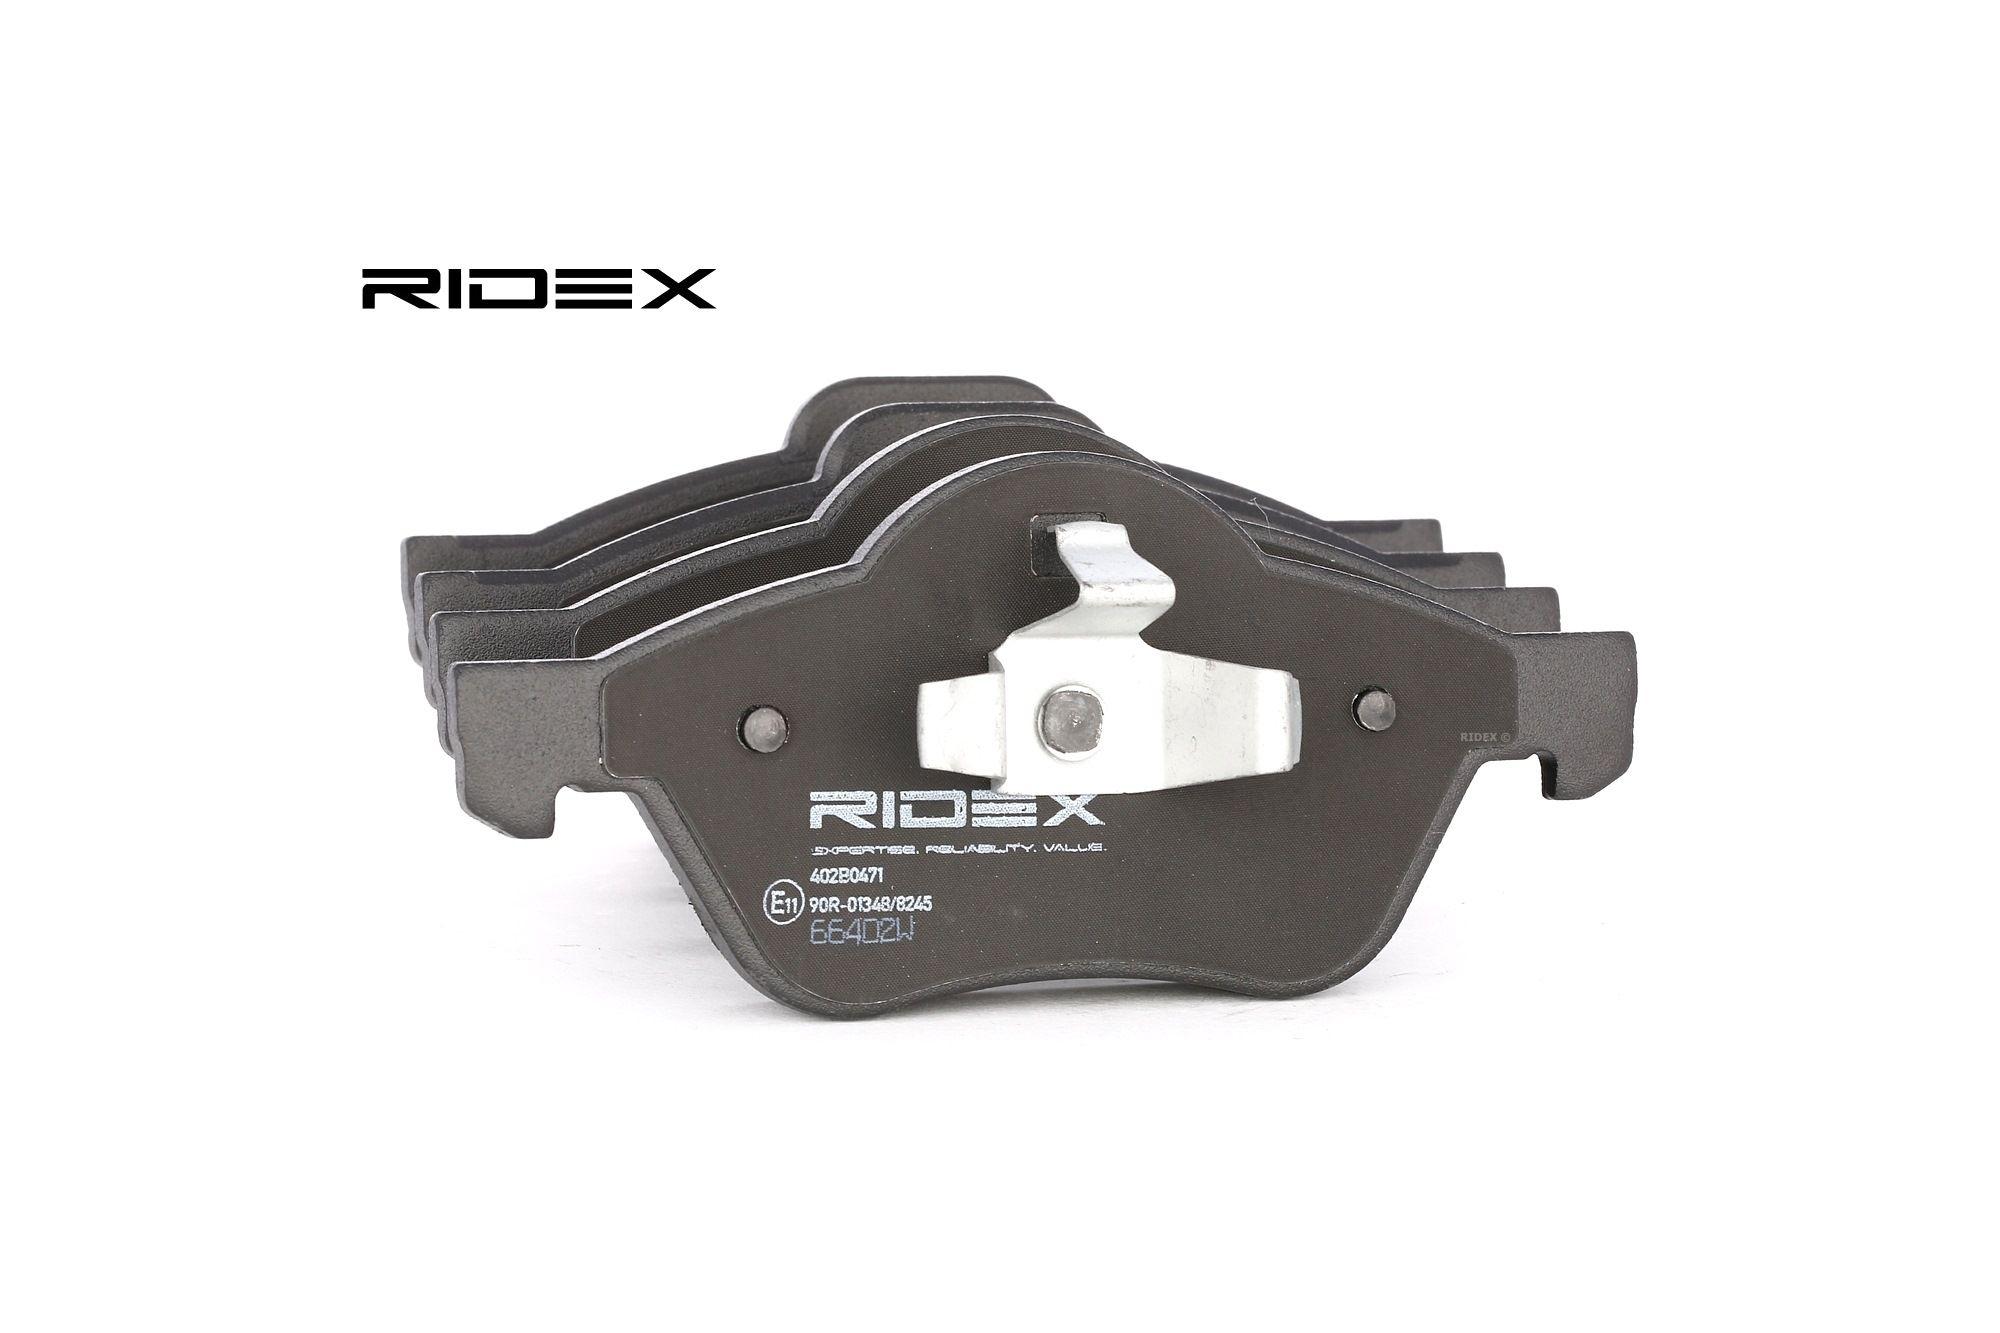 RIDEX 402B0471 (Hauteur 1: 69mm, Hauteur 2: 66,5mm, Épaisseur: 18mm) : Plaquette de frein sport Renault Twingo 2 2021